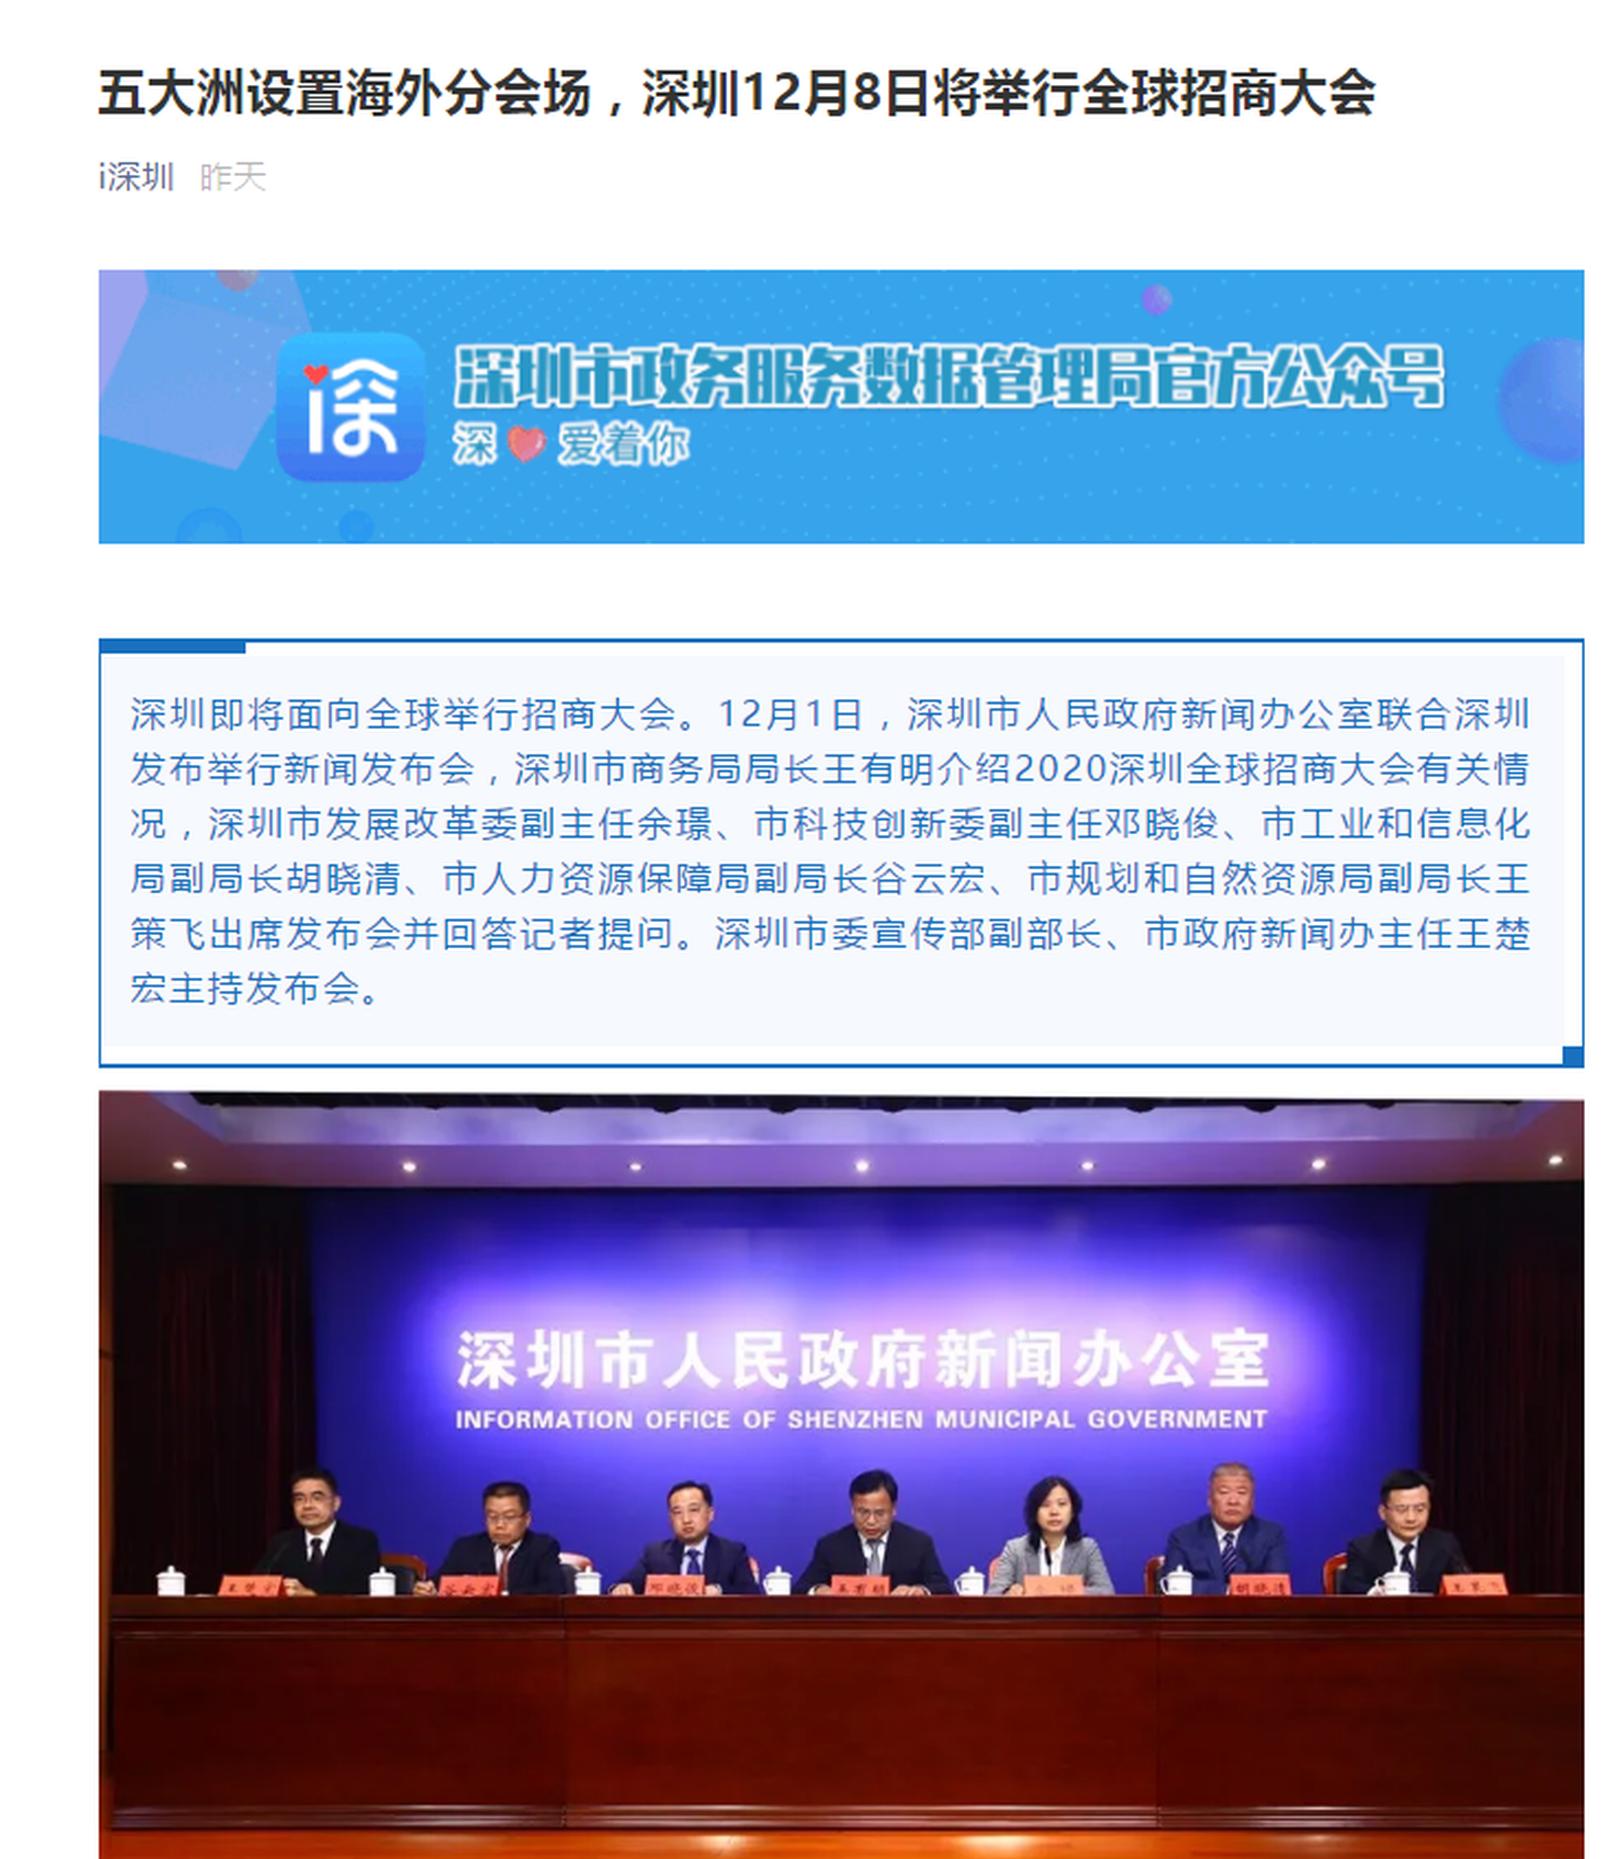 五大洲设置海外分会场,深圳12月8日将举行全球招商大会